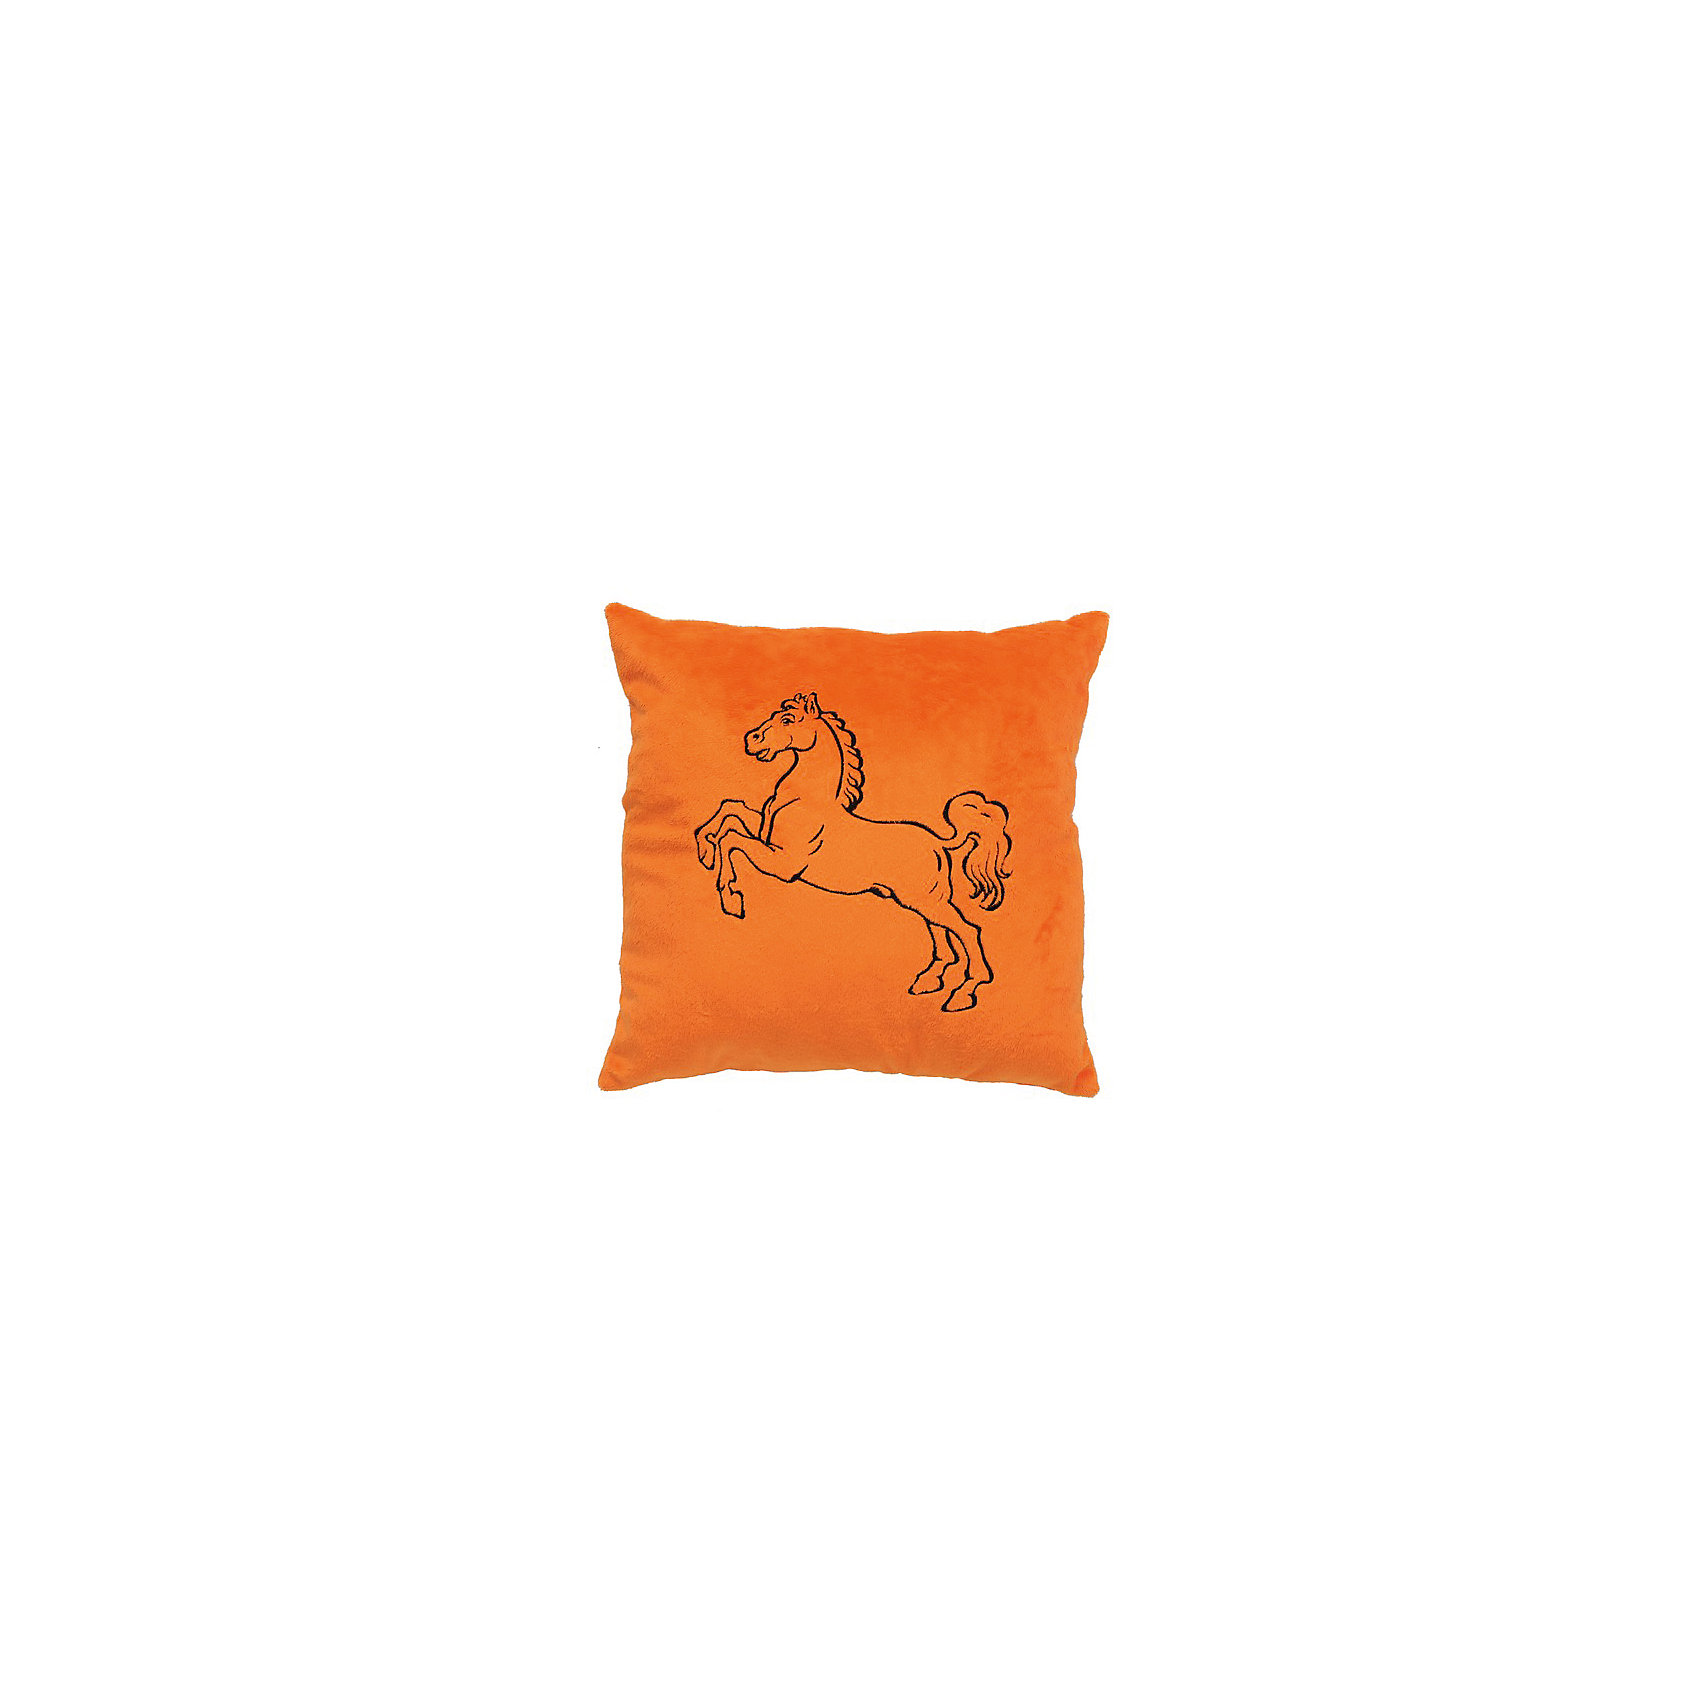 Декоративная подушка Лошадь арт. 1845, Small Toys, оранжевыйДомашний текстиль<br>Характеристики товара:<br><br>• цвет: оранжевый<br>• материал: текстиль, наполнитель<br>• размер: 31х31 см<br>• фактура: короткий искусственный мех<br>• украшена изображением лошади<br>• декоративная<br>• страна бренда: Российская Федерация<br>• страна производства: Российская Федерация<br><br>Красивая и качественная подушка может отличным подарком ребенку или взрослому. Она декорирована изображением лошади - а кто не любит этих благородных животных?! Подушка сделана из приятного на ощупь материала и мягкого наполнителя.<br>Такое изделие будет отлично смотреться в интерьерах разных стилей, добавляя в комнату уюта. Она выполнена в приятной расцветке. Швы хорошо проработаны. Изделие произведено из сертифицированных материалов, безопасных для детей.<br><br>Декоративную подушку Лошадь арт. 1845 от бренда Small Toys можно купить в нашем интернет-магазине.<br><br>Ширина мм: 110<br>Глубина мм: 310<br>Высота мм: 310<br>Вес г: 200<br>Возраст от месяцев: 36<br>Возраст до месяцев: 72<br>Пол: Унисекс<br>Возраст: Детский<br>SKU: 5272898